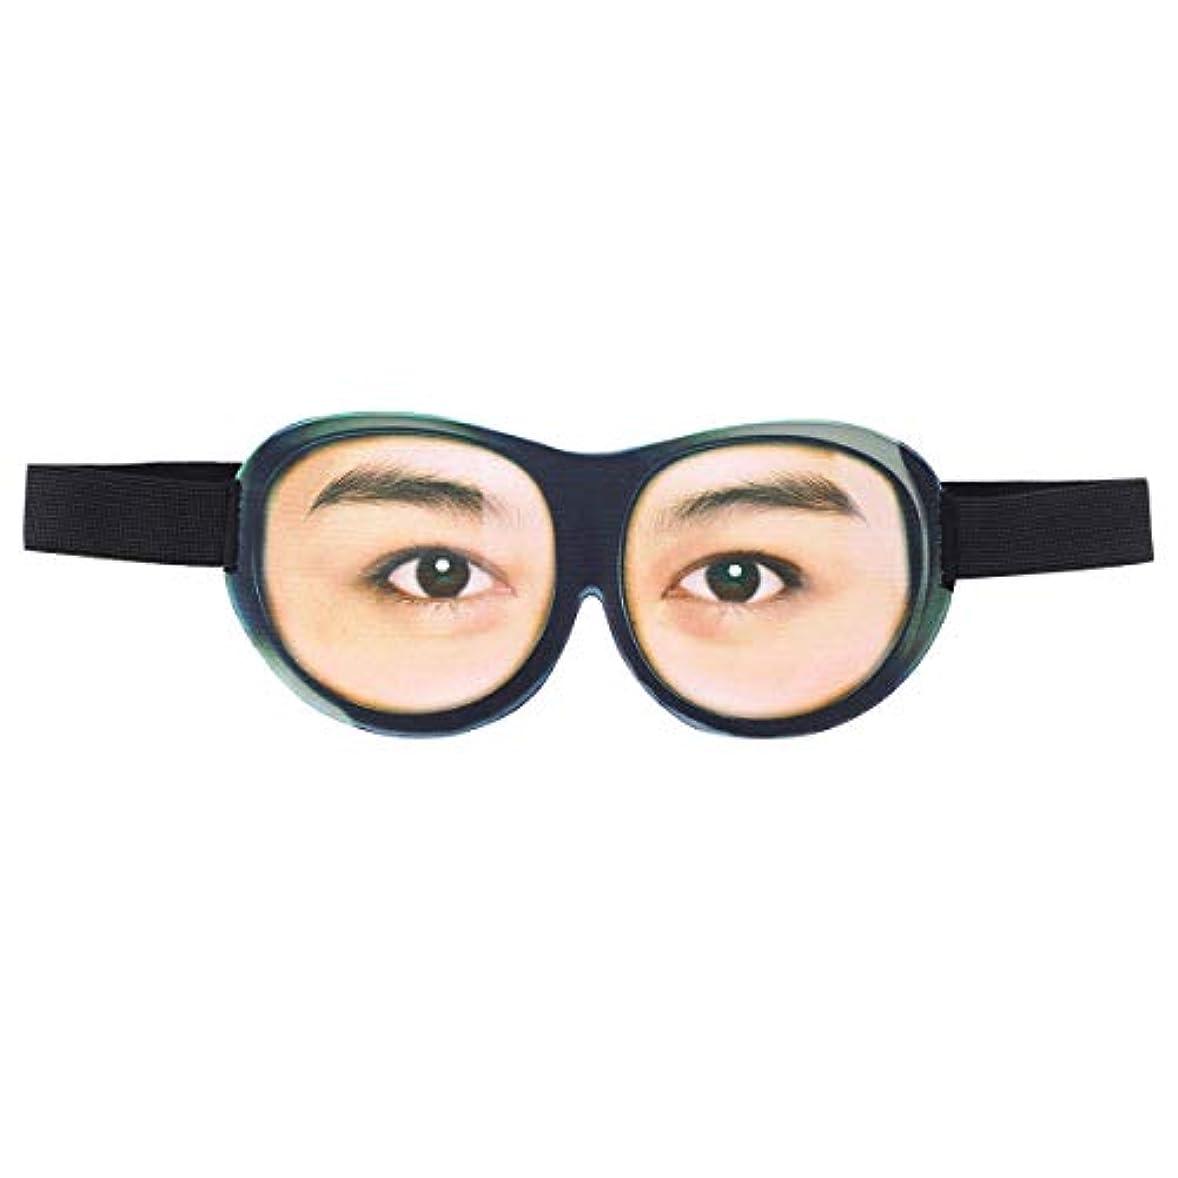 地下室ブラウス資源Healifty 睡眠目隠し3D面白いアイシェード通気性睡眠マスク旅行睡眠ヘルパーアイシェード用男性と女性